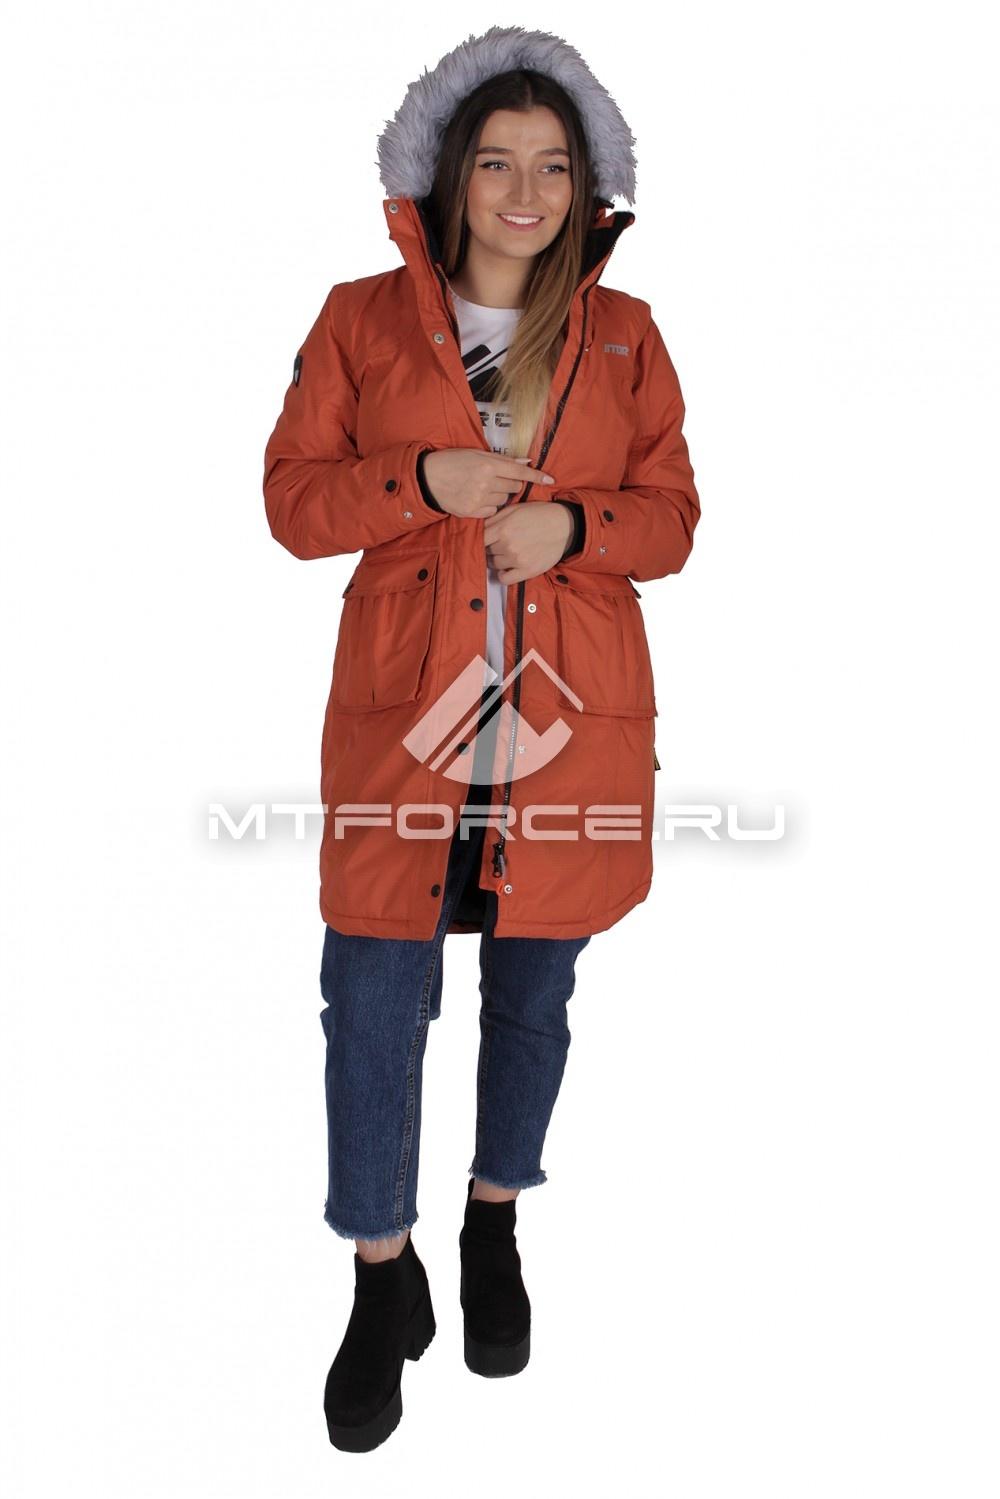 Купить                                  оптом Куртка парка демисезонная женская оранжевого цвета 16799O в Новосибирске